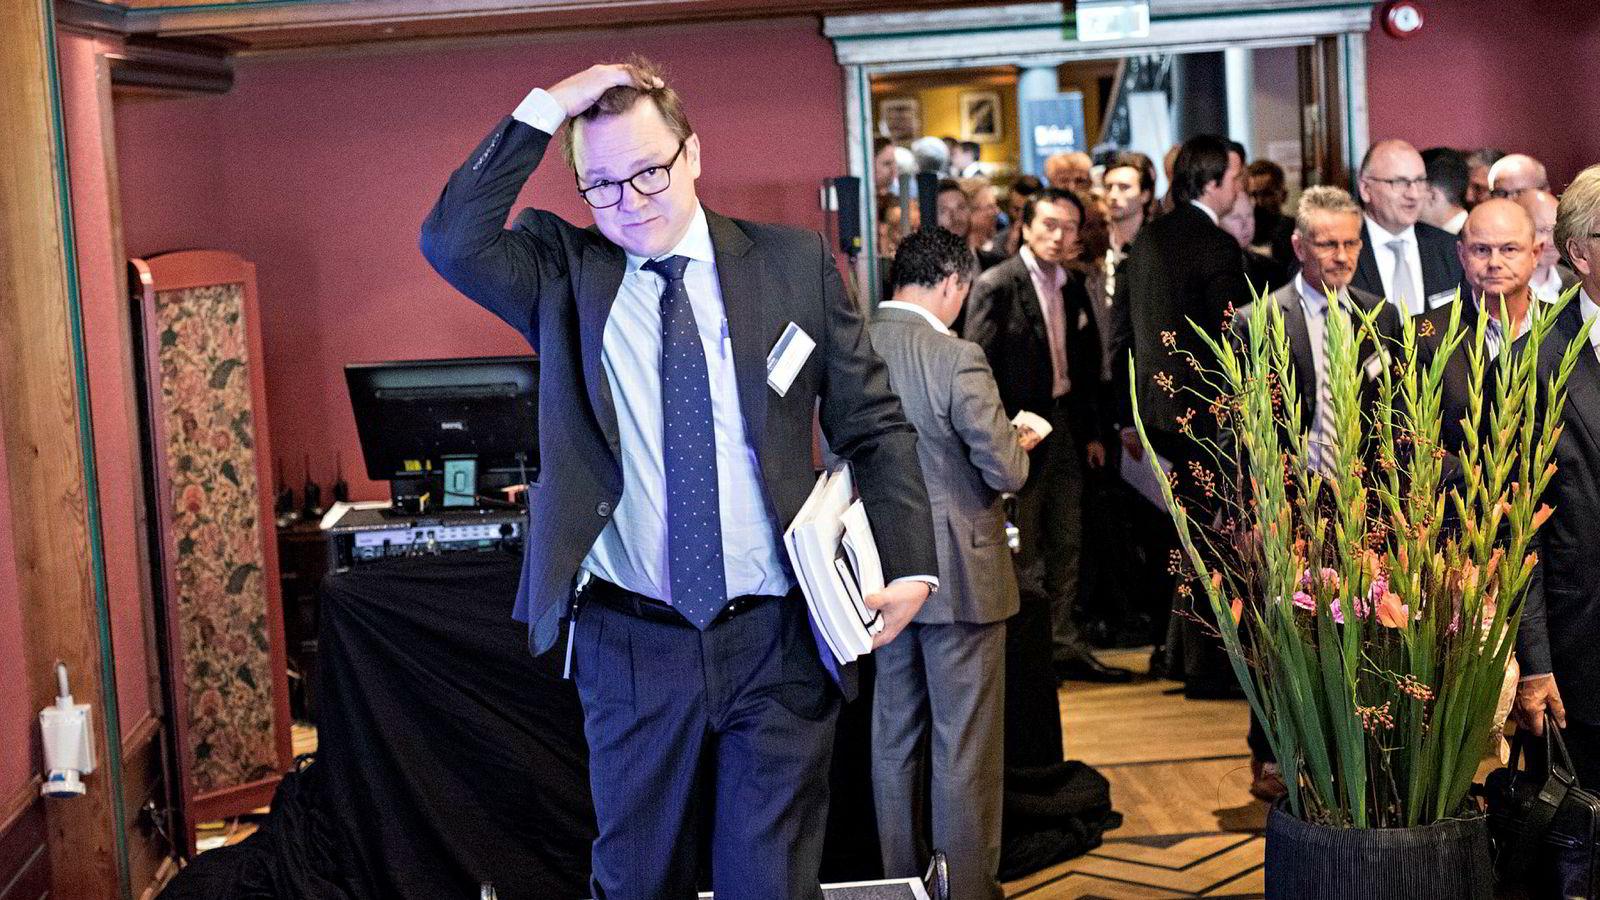 Borr Drilling har betalt 50 millioner dollar mer per rigg enn markedsverdien som skipsmeglerhuset Bassøe har lagt til grunn. Avbildet er administrerende direktør Simon Johnson i Borr Drilling.